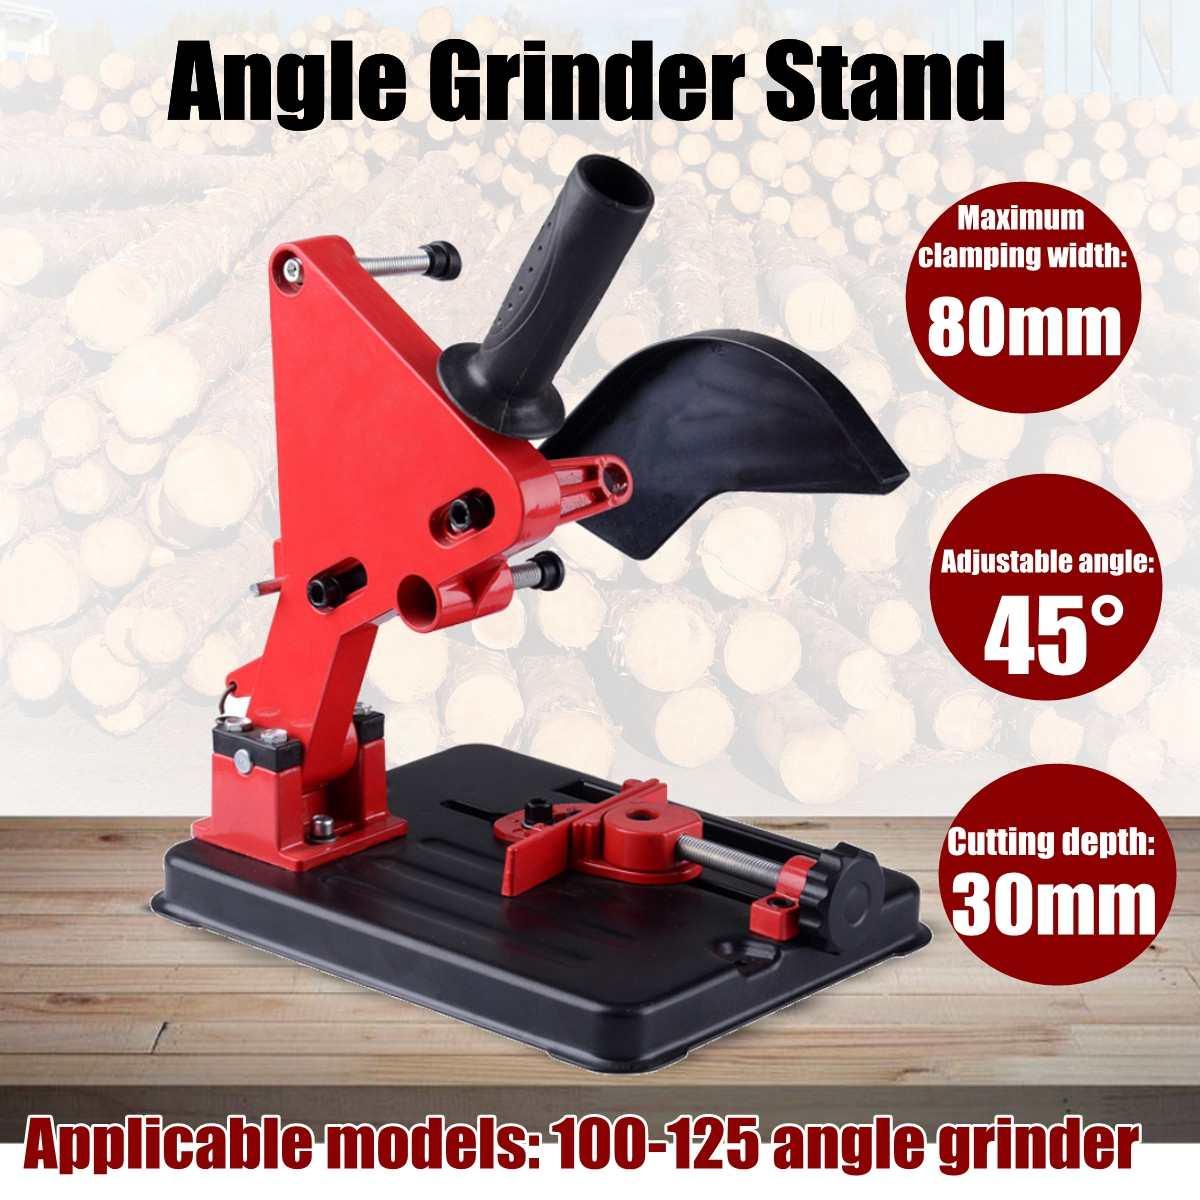 Angle Grinder Stand Angle Grinder Bracket Holder Support for 100-125 Angle GrinderAngle Grinder Stand Angle Grinder Bracket Holder Support for 100-125 Angle Grinder